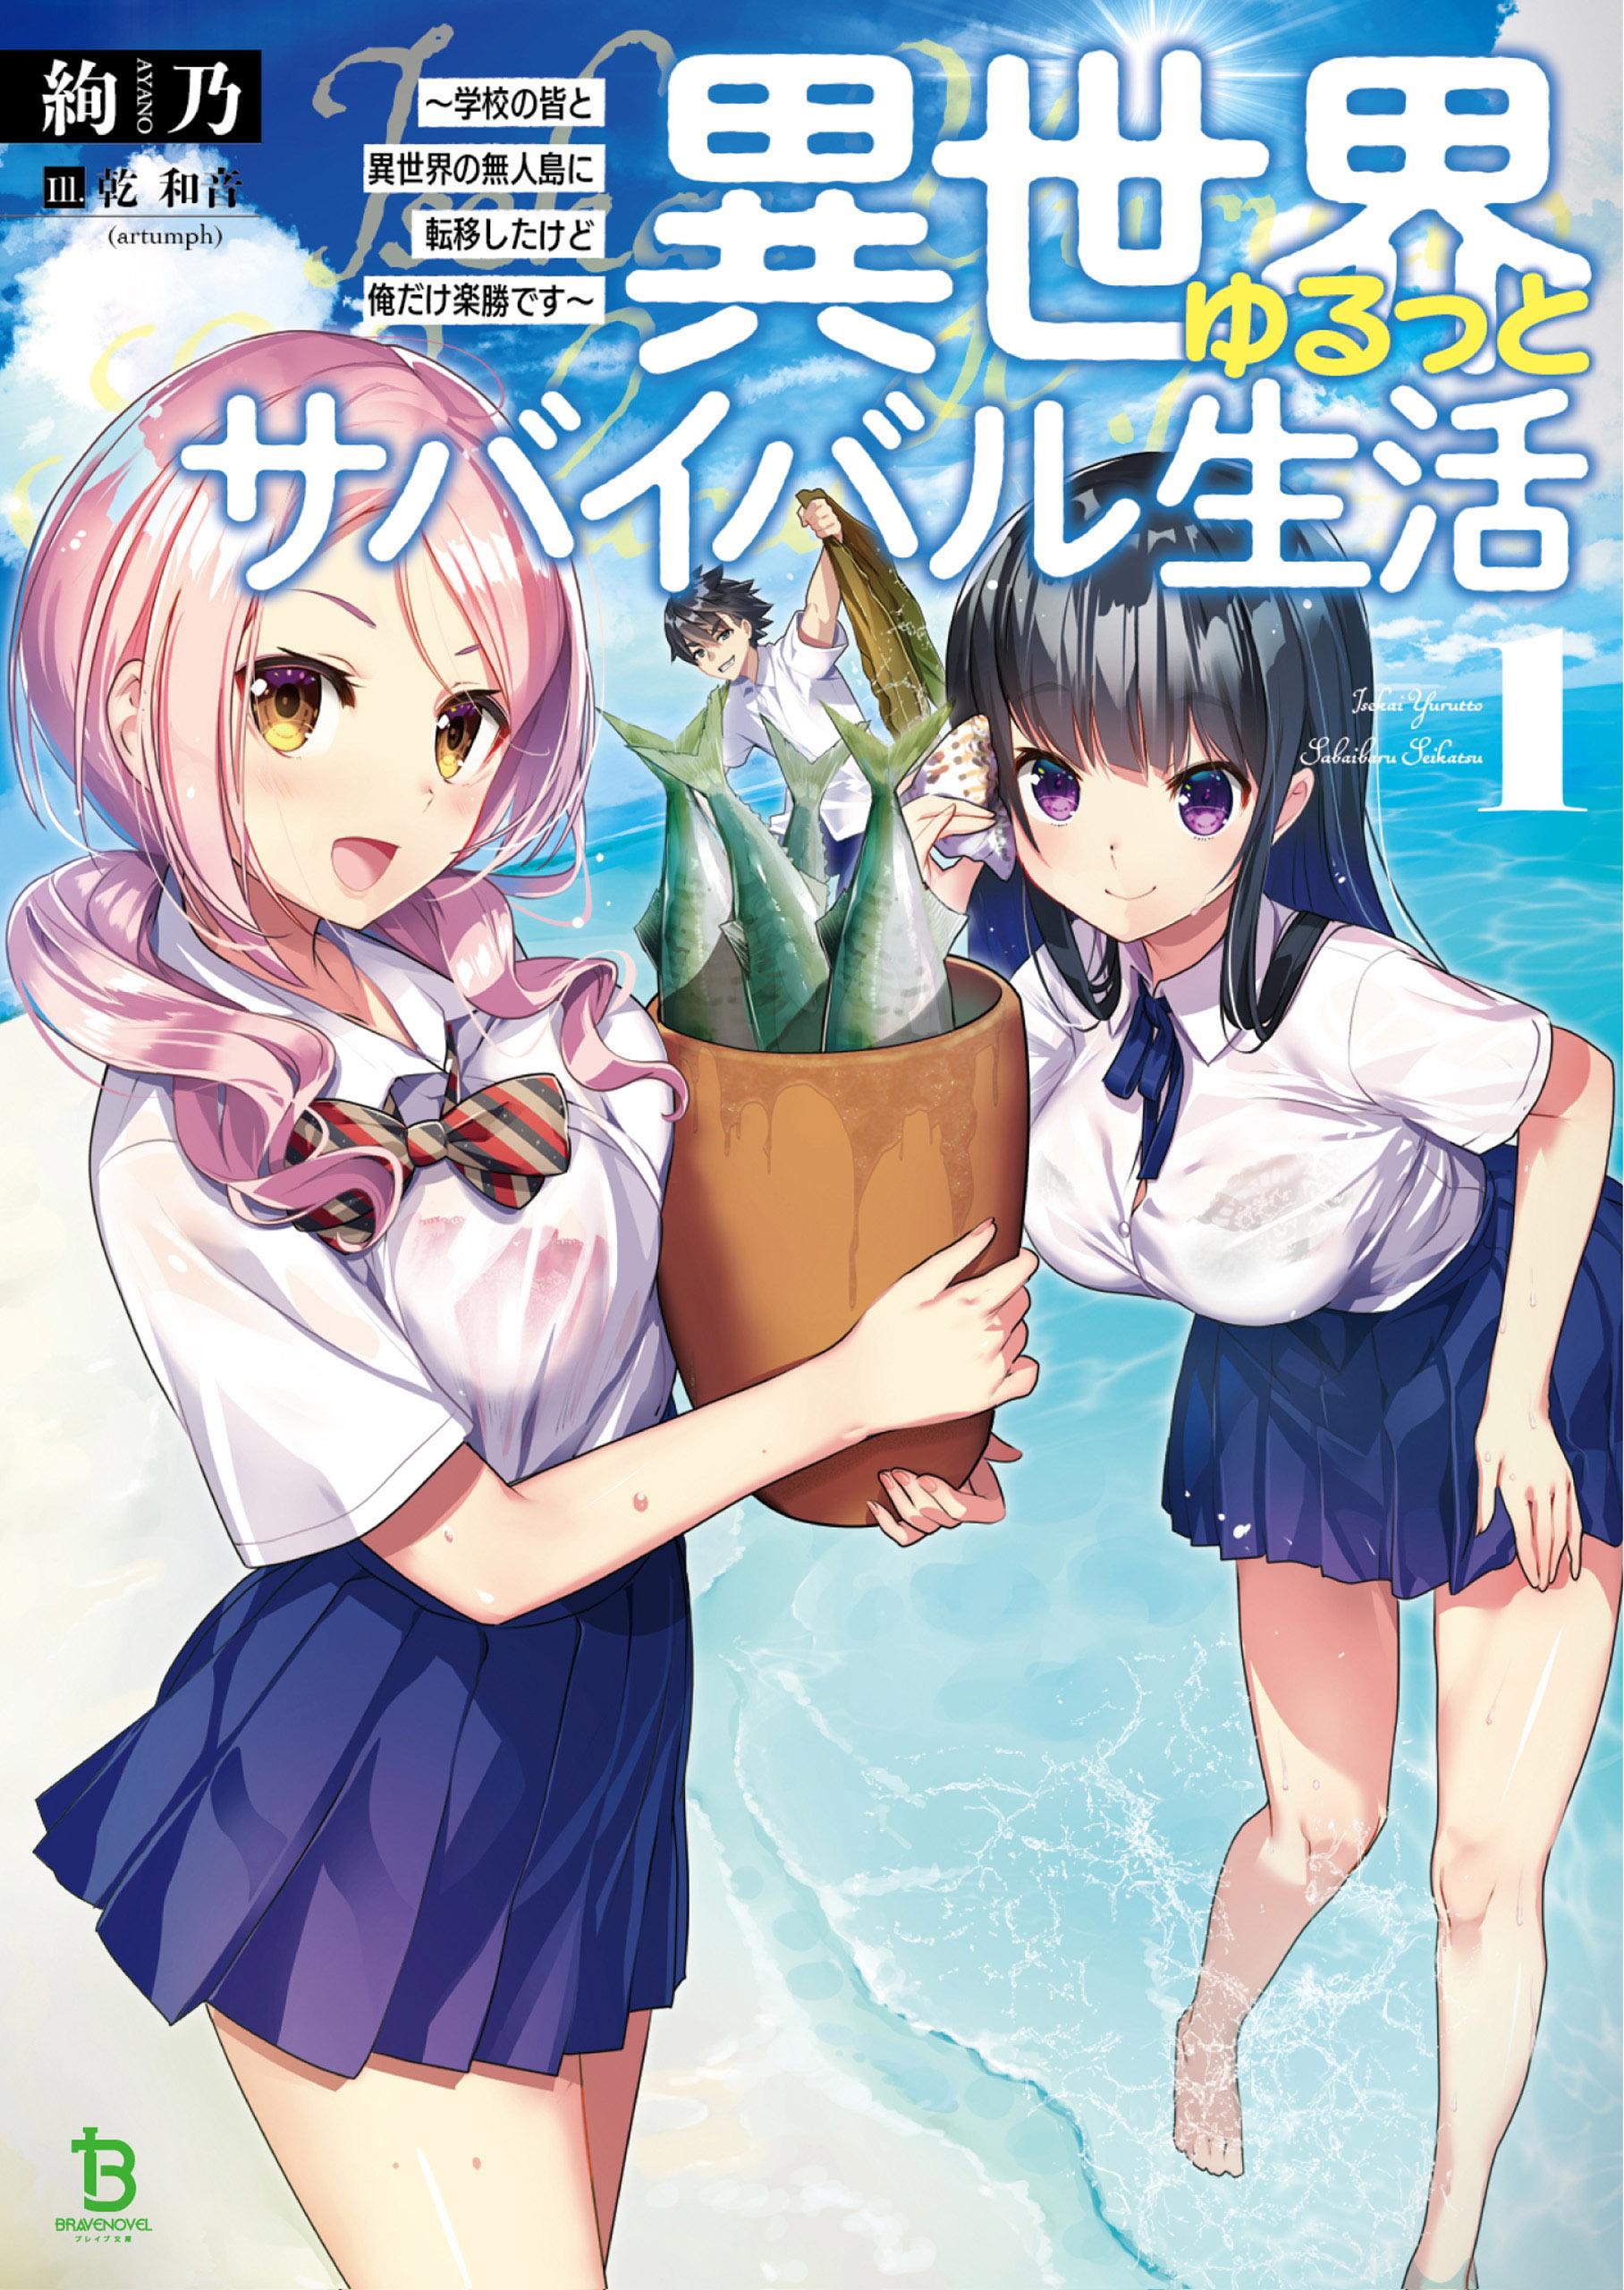 Isekai Yurutto Survival Seikatsu: Gakkou no Minna to Isekai no Mujintou ni Tenishitakedo Ore Dake Rakushou desu Online